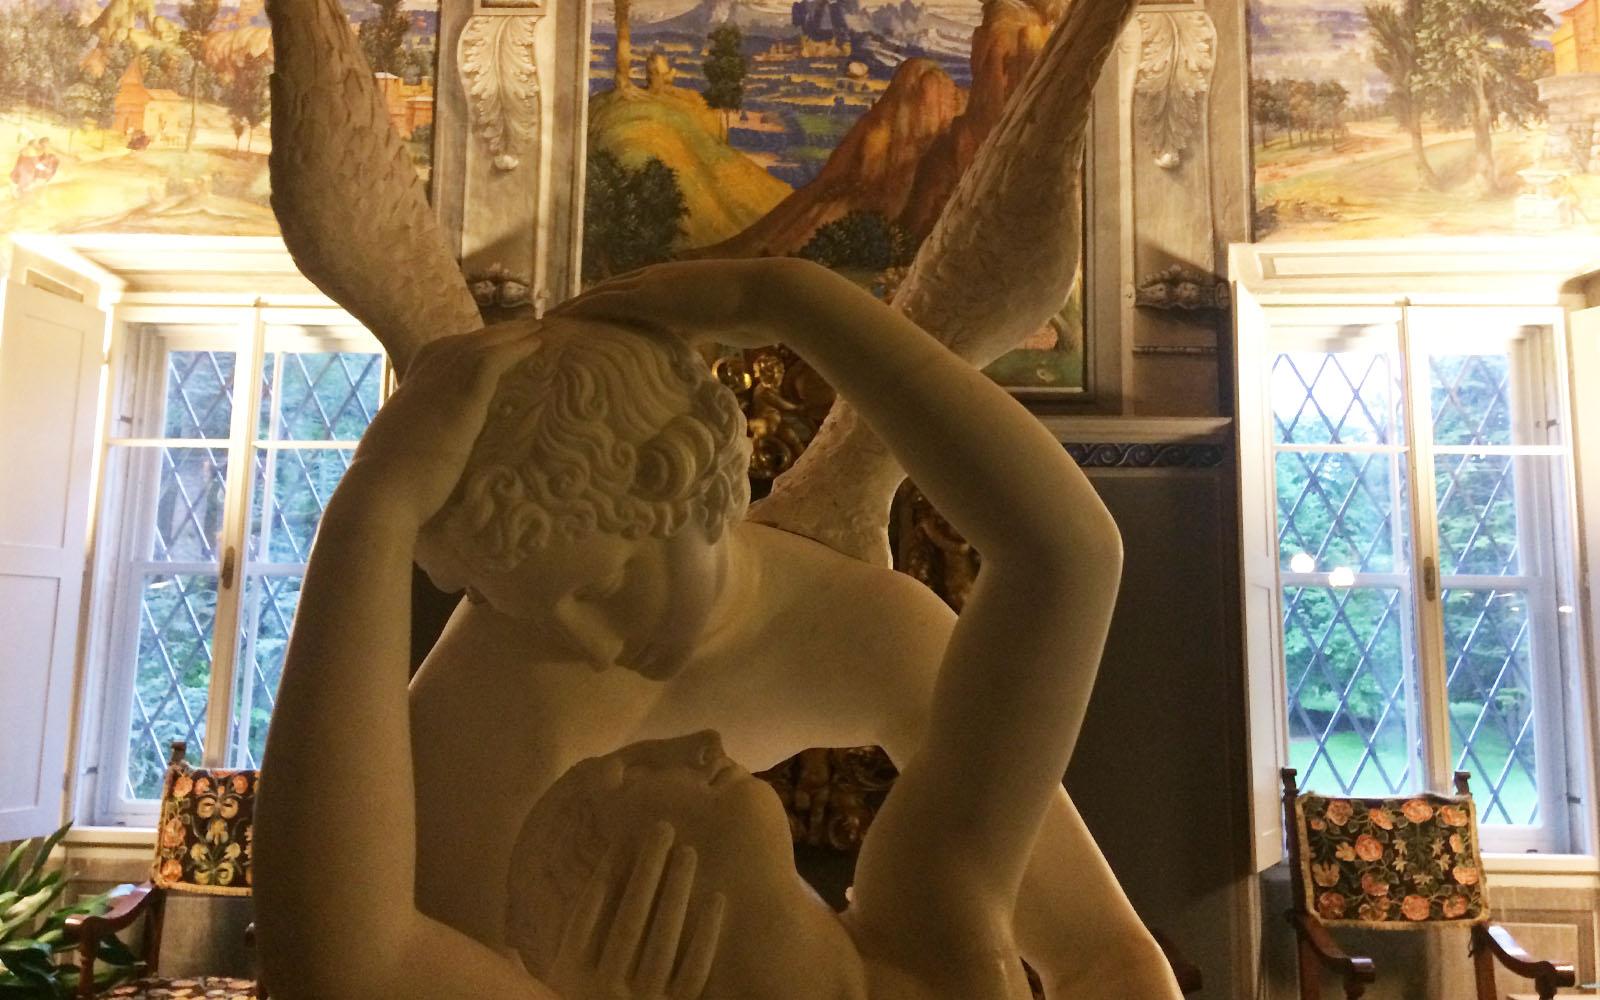 Una scultura di scuola Canova e sullo sfondo gli affreschi di Villa Margon.